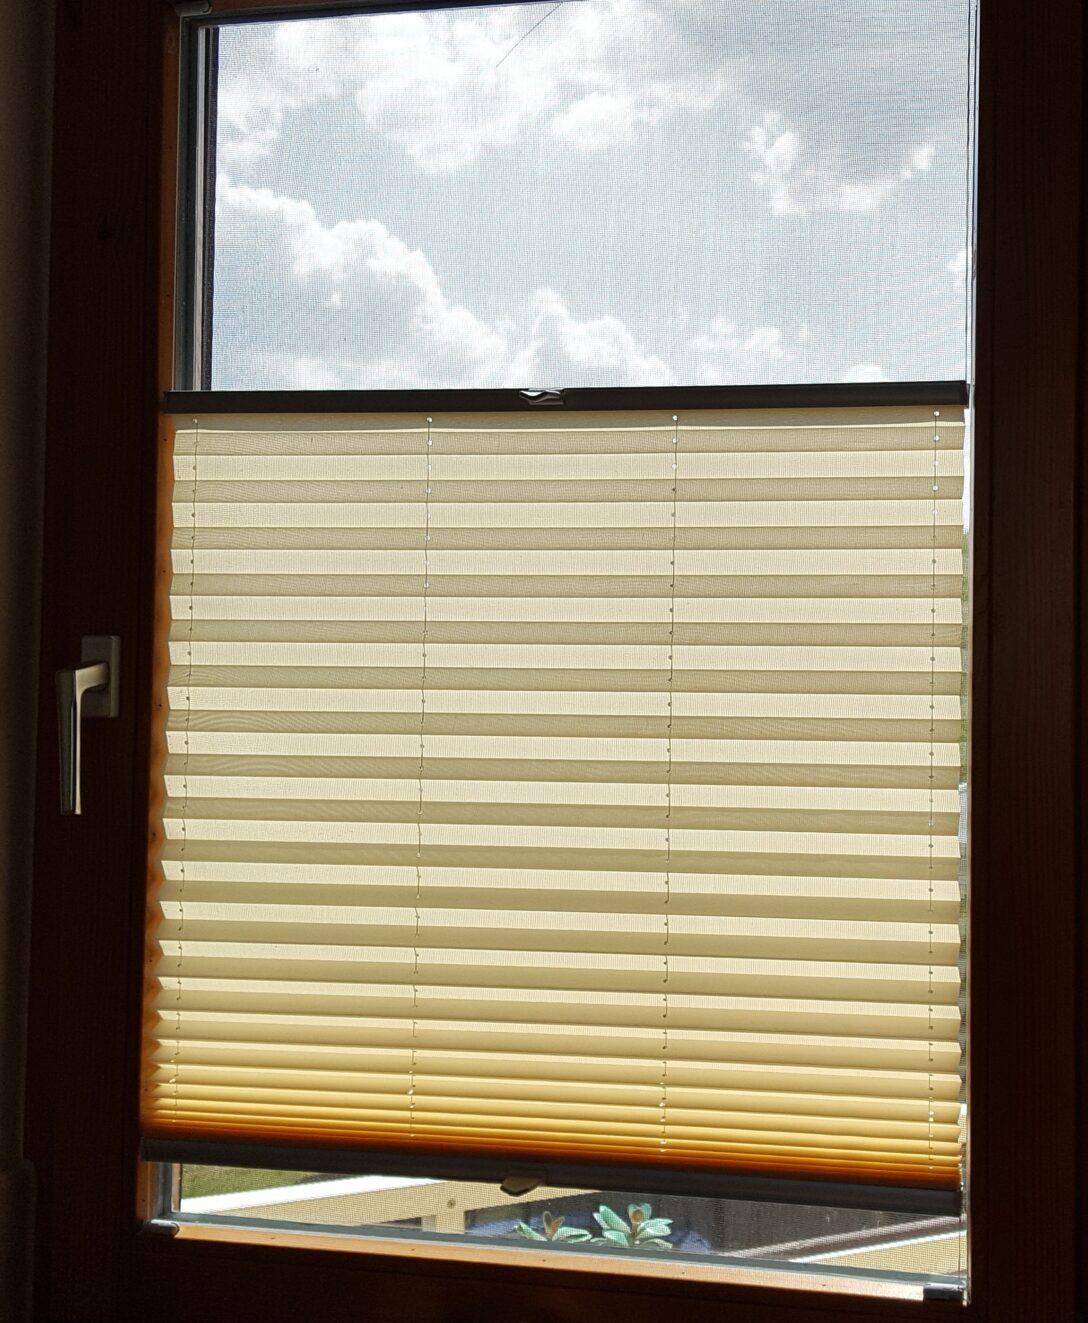 Large Size of Klemm Plissee Modelle 2020 Kinderzimmer Regal Regale Weiß Fenster Sofa Kinderzimmer Plissee Kinderzimmer